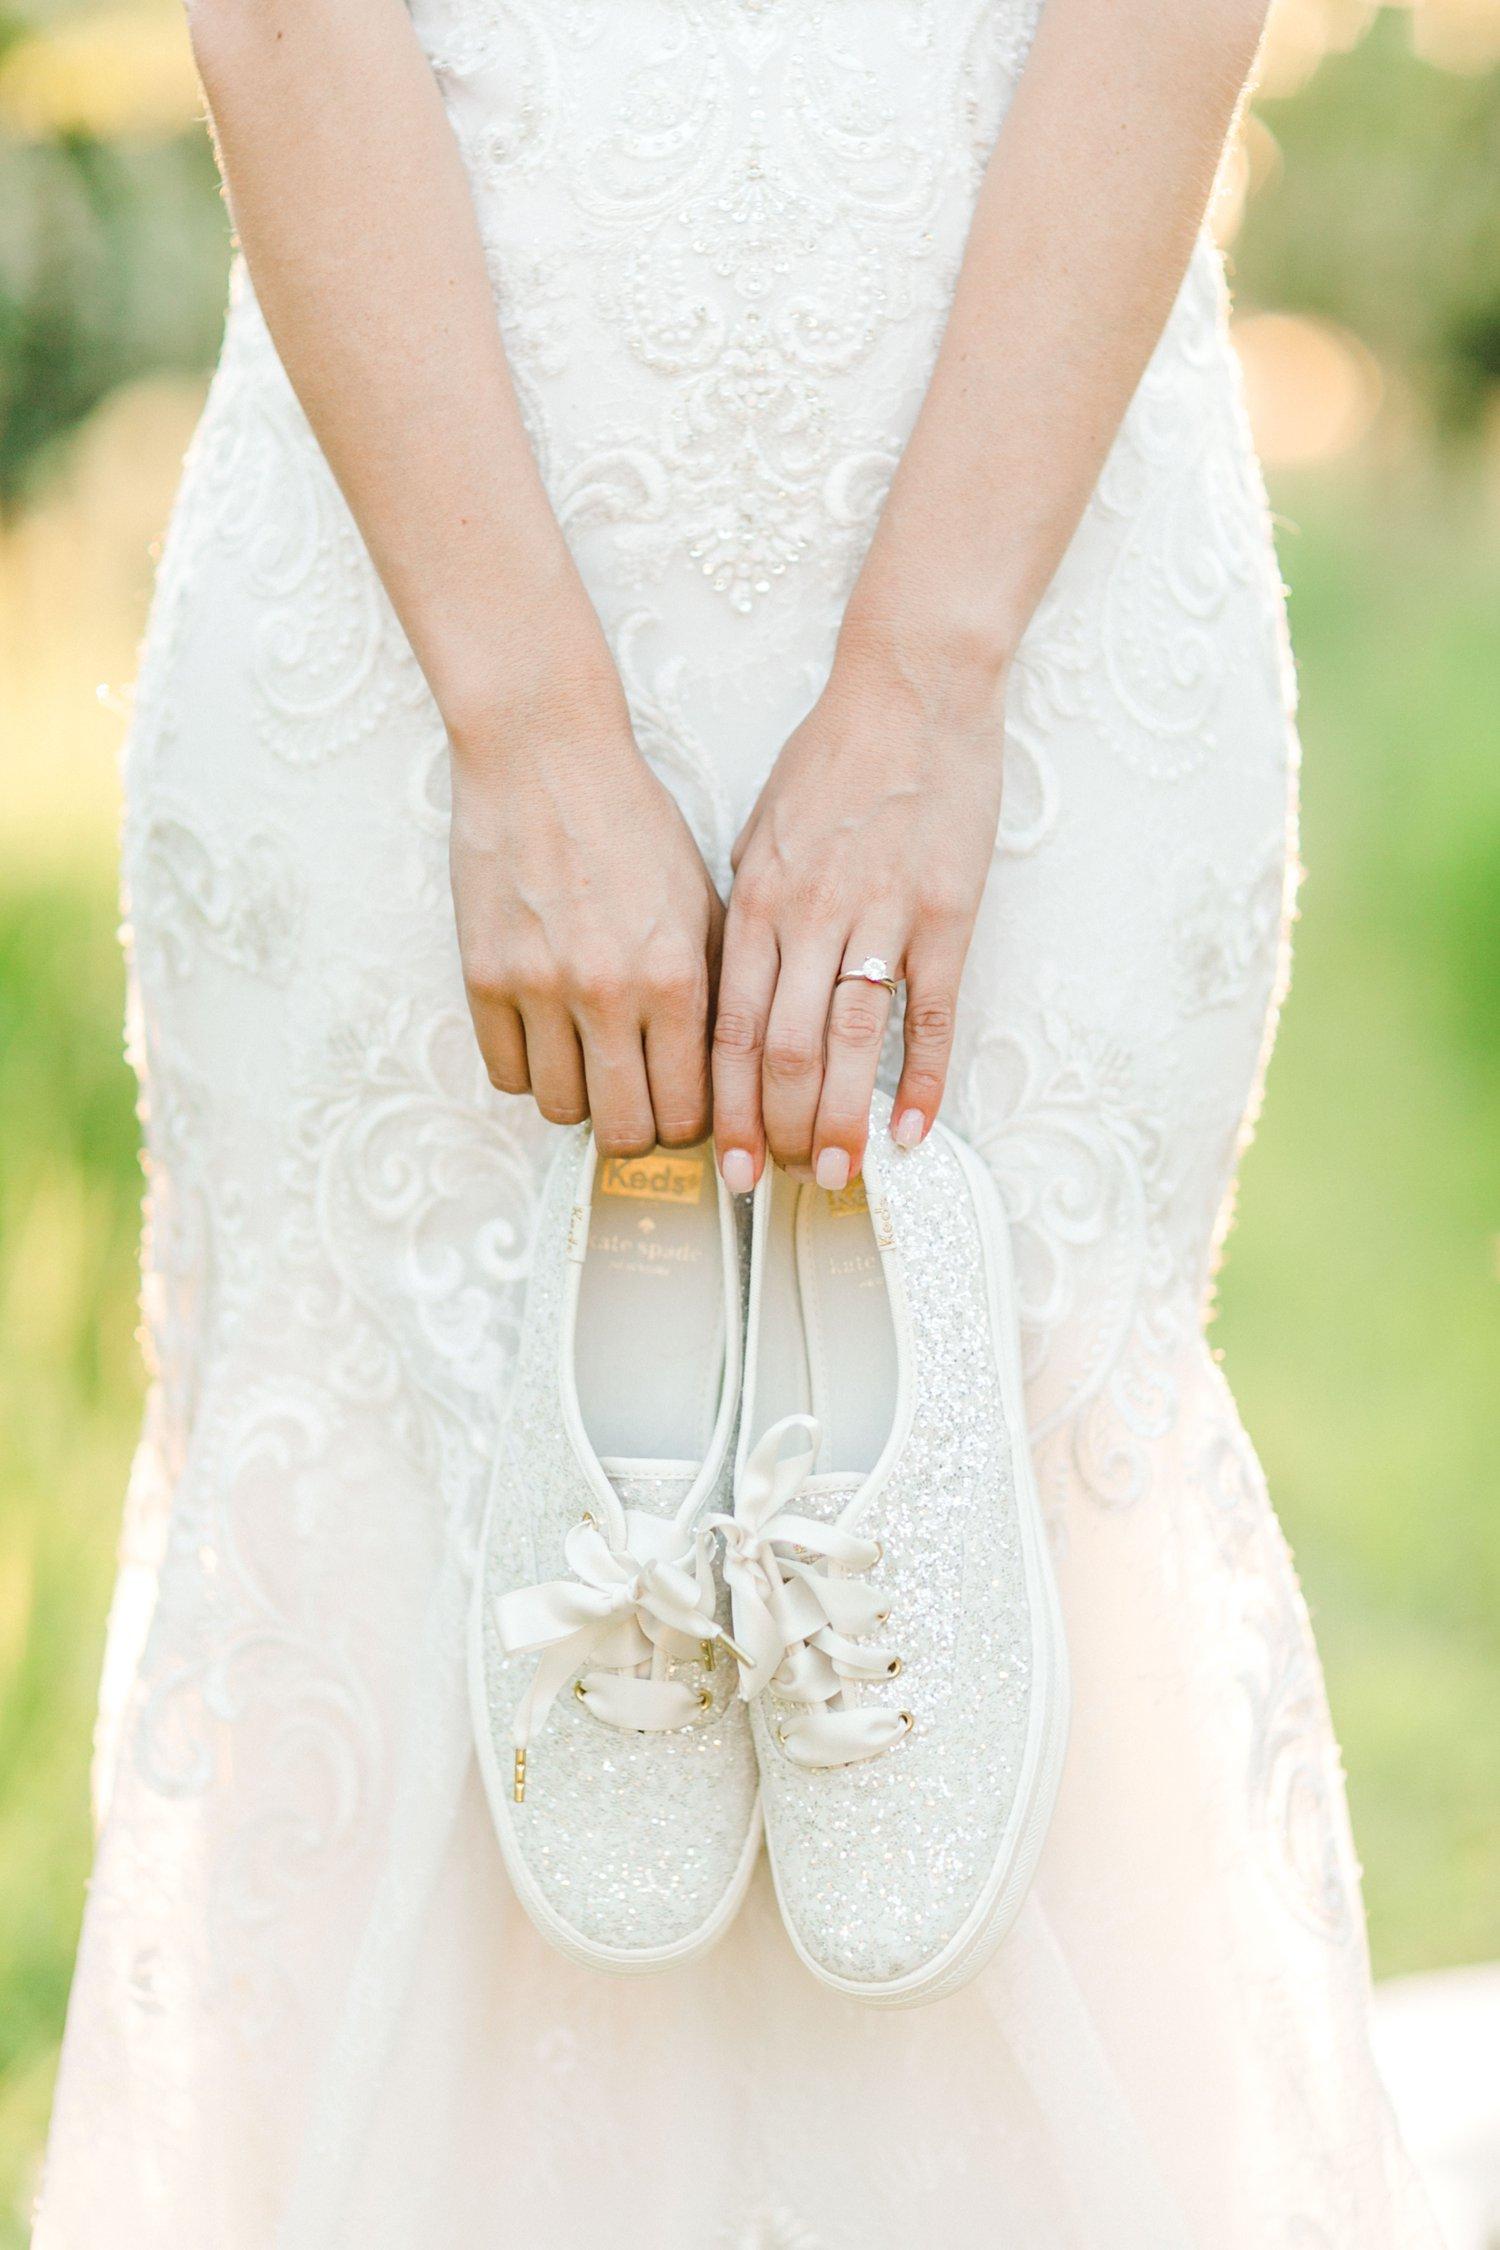 Ashley_Parr_Bridals_ALLEEJ_caprock_winery_romantic_elegant0019.jpg